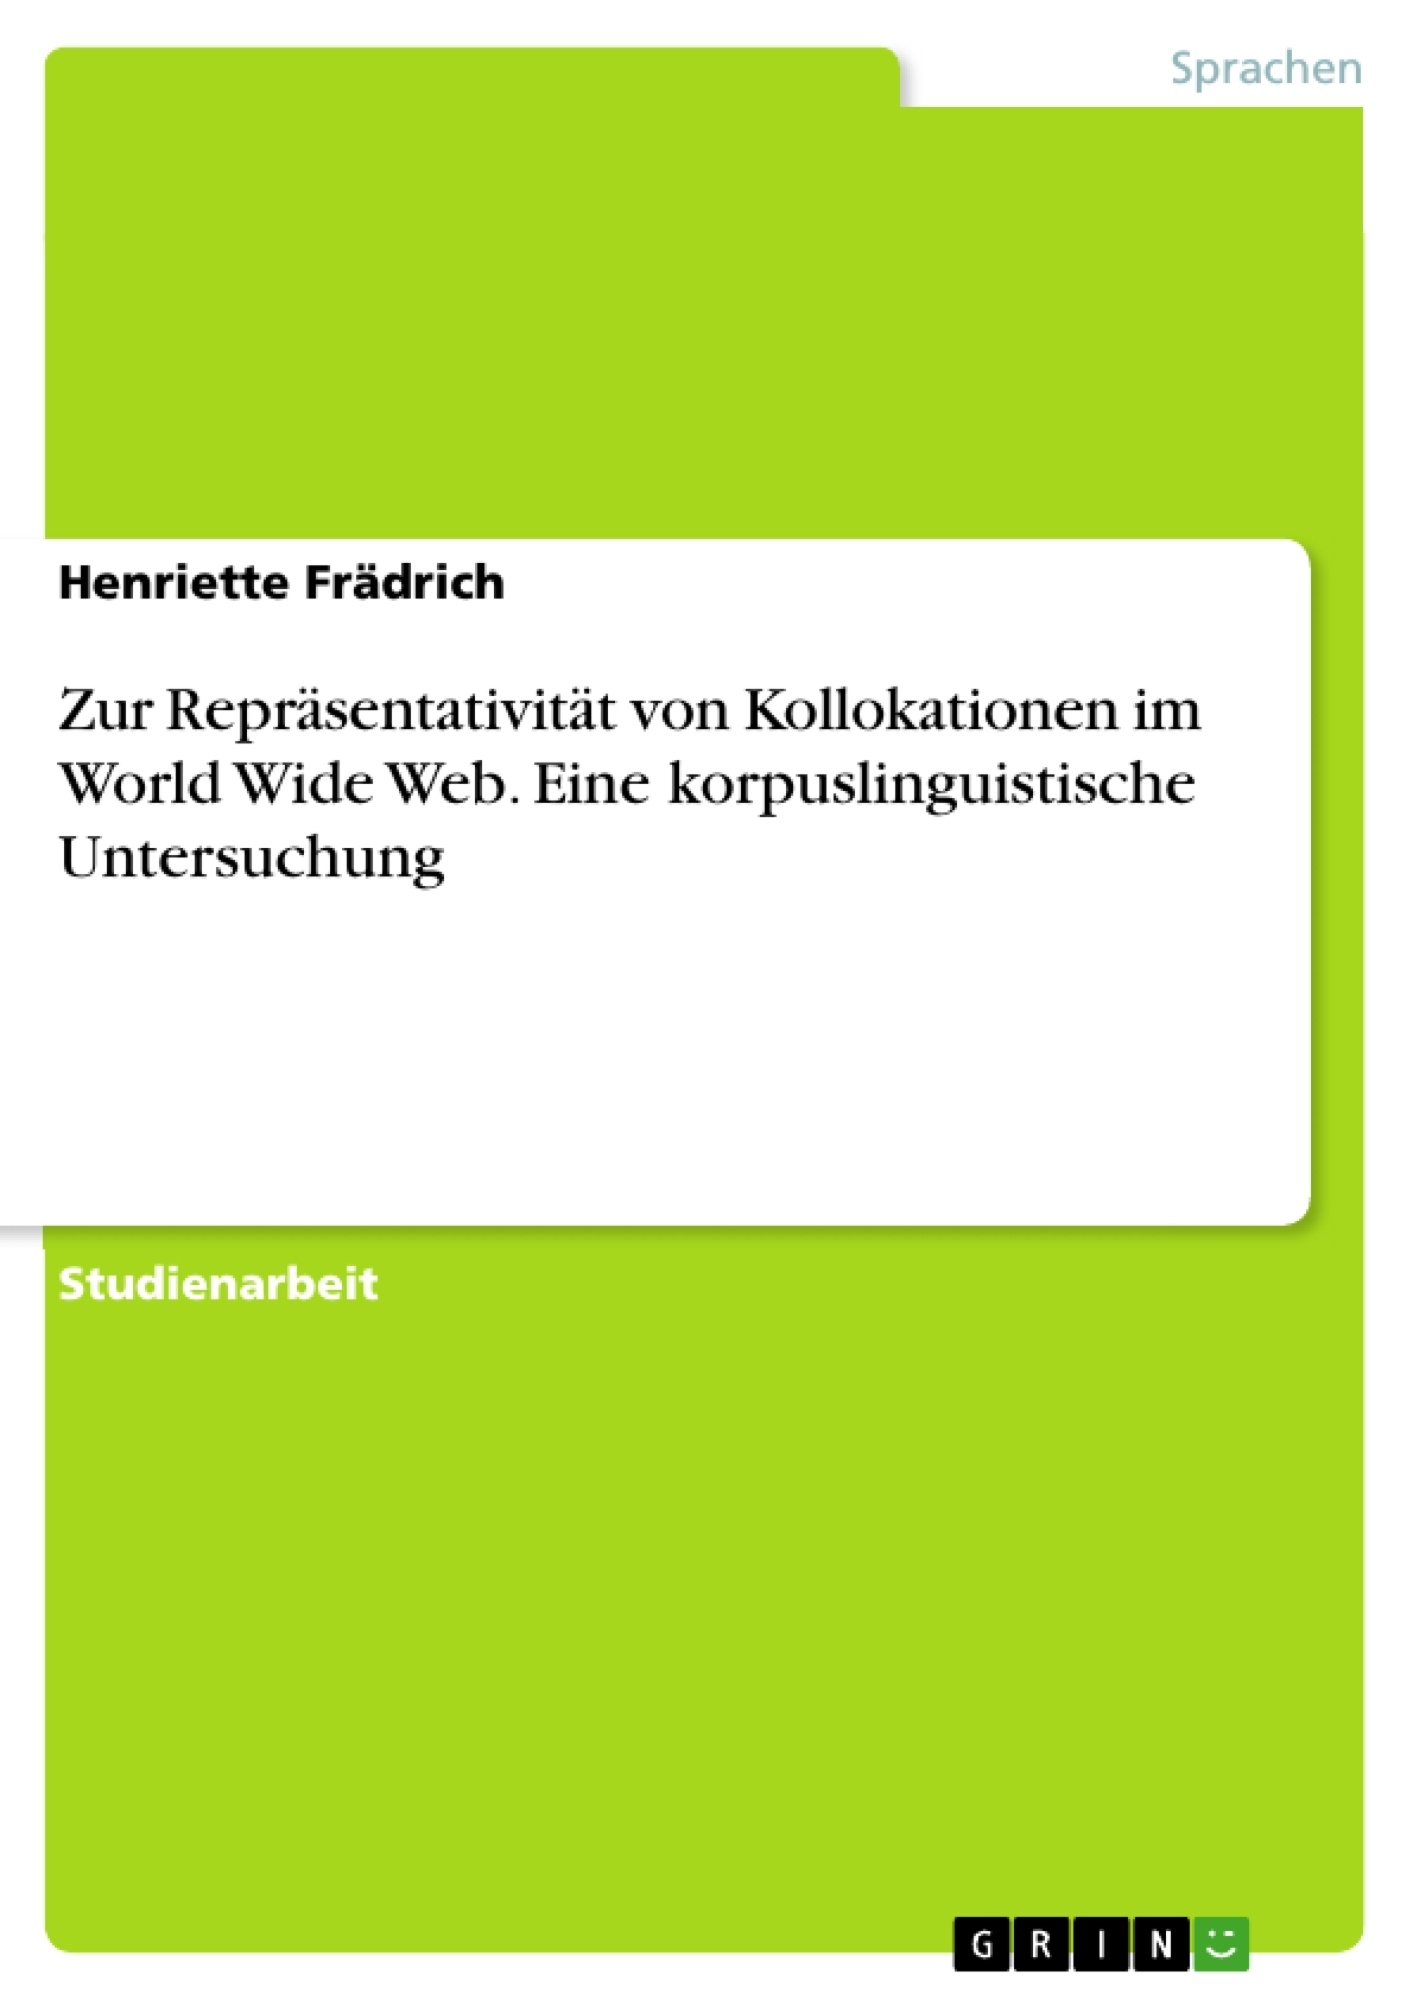 Titel: Zur Repräsentativität von Kollokationen im World Wide Web. Eine korpuslinguistische Untersuchung